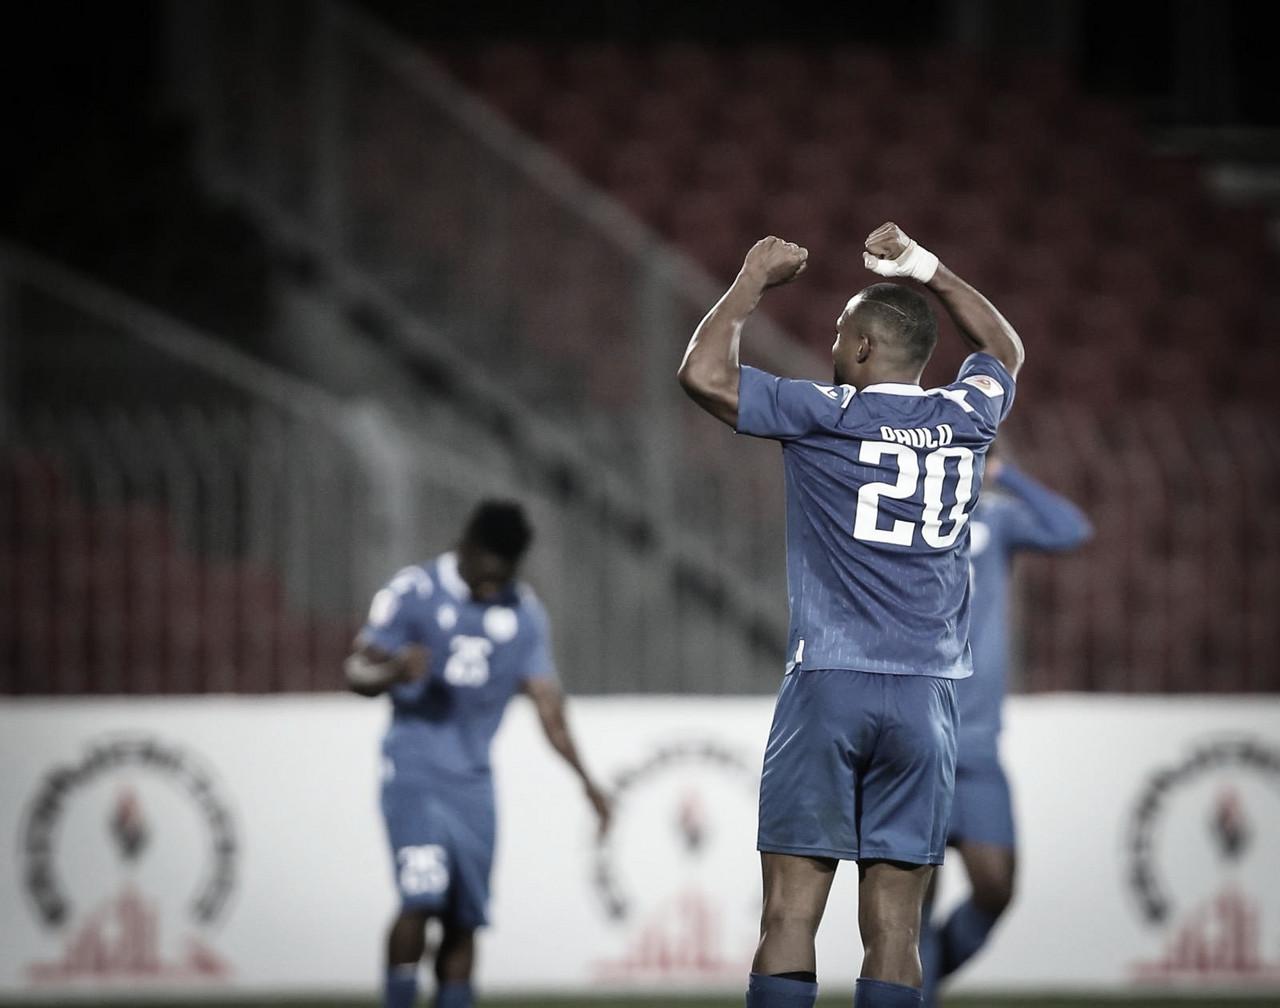 Paulo Victor elogia desempenho do Al-Hidd/BRN no início da temporada e mira topo